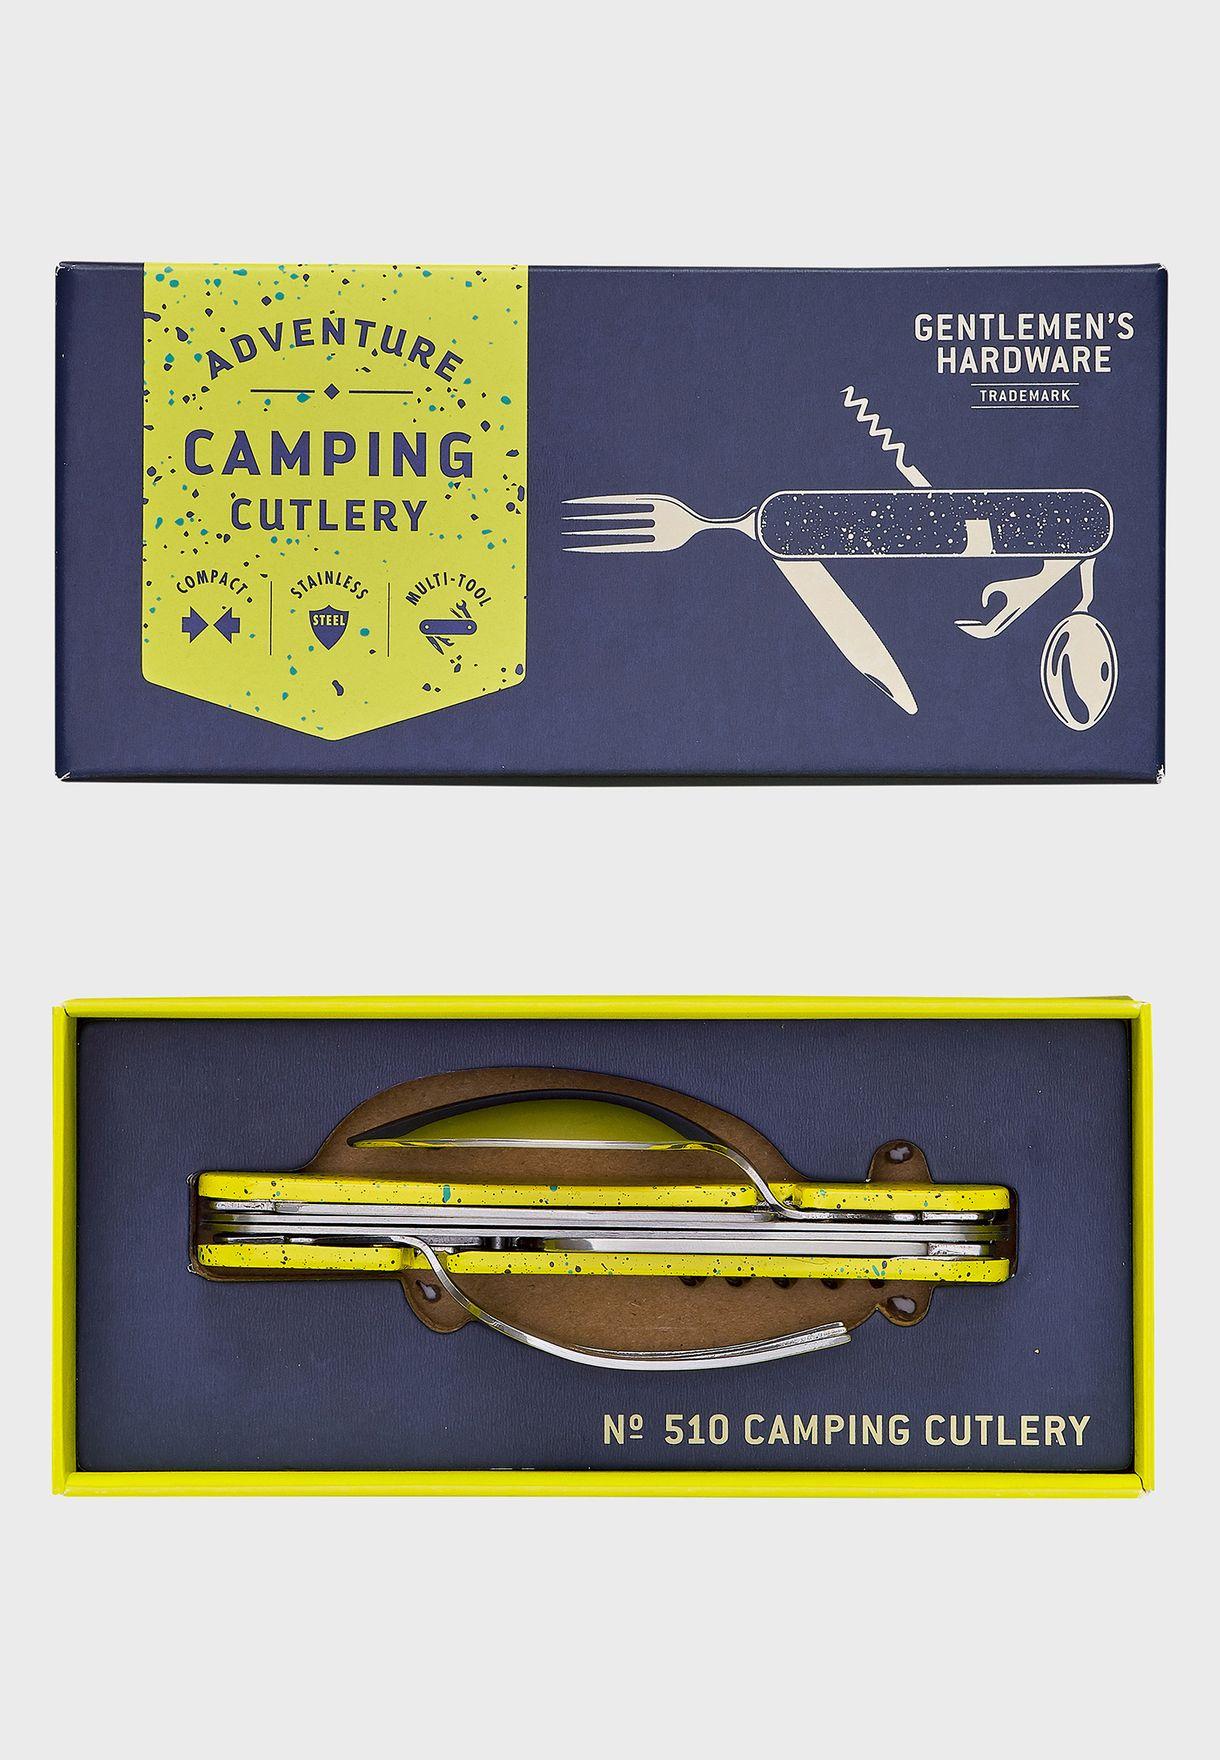 ادوات طعام للتخييم